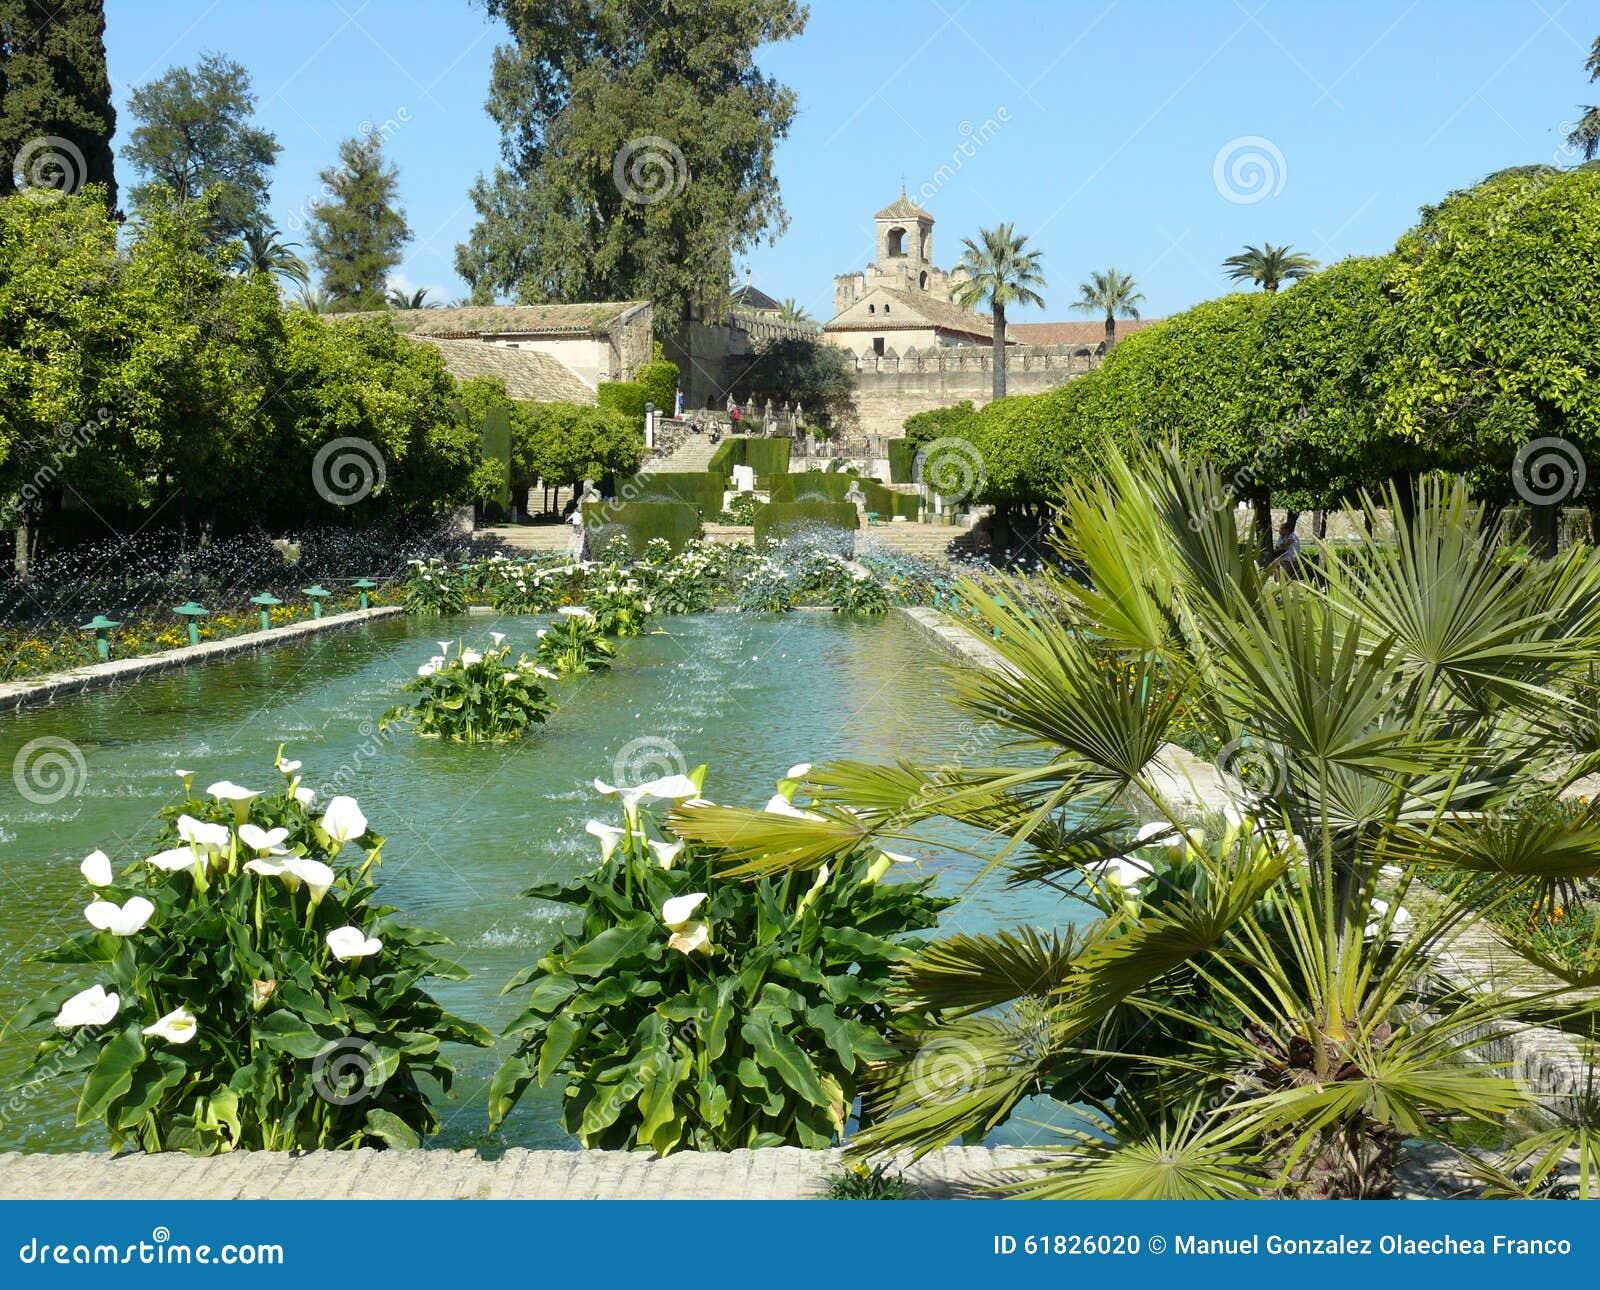 Alcazar gardens in cordoba spain editorial image image for Ornamental pond plants